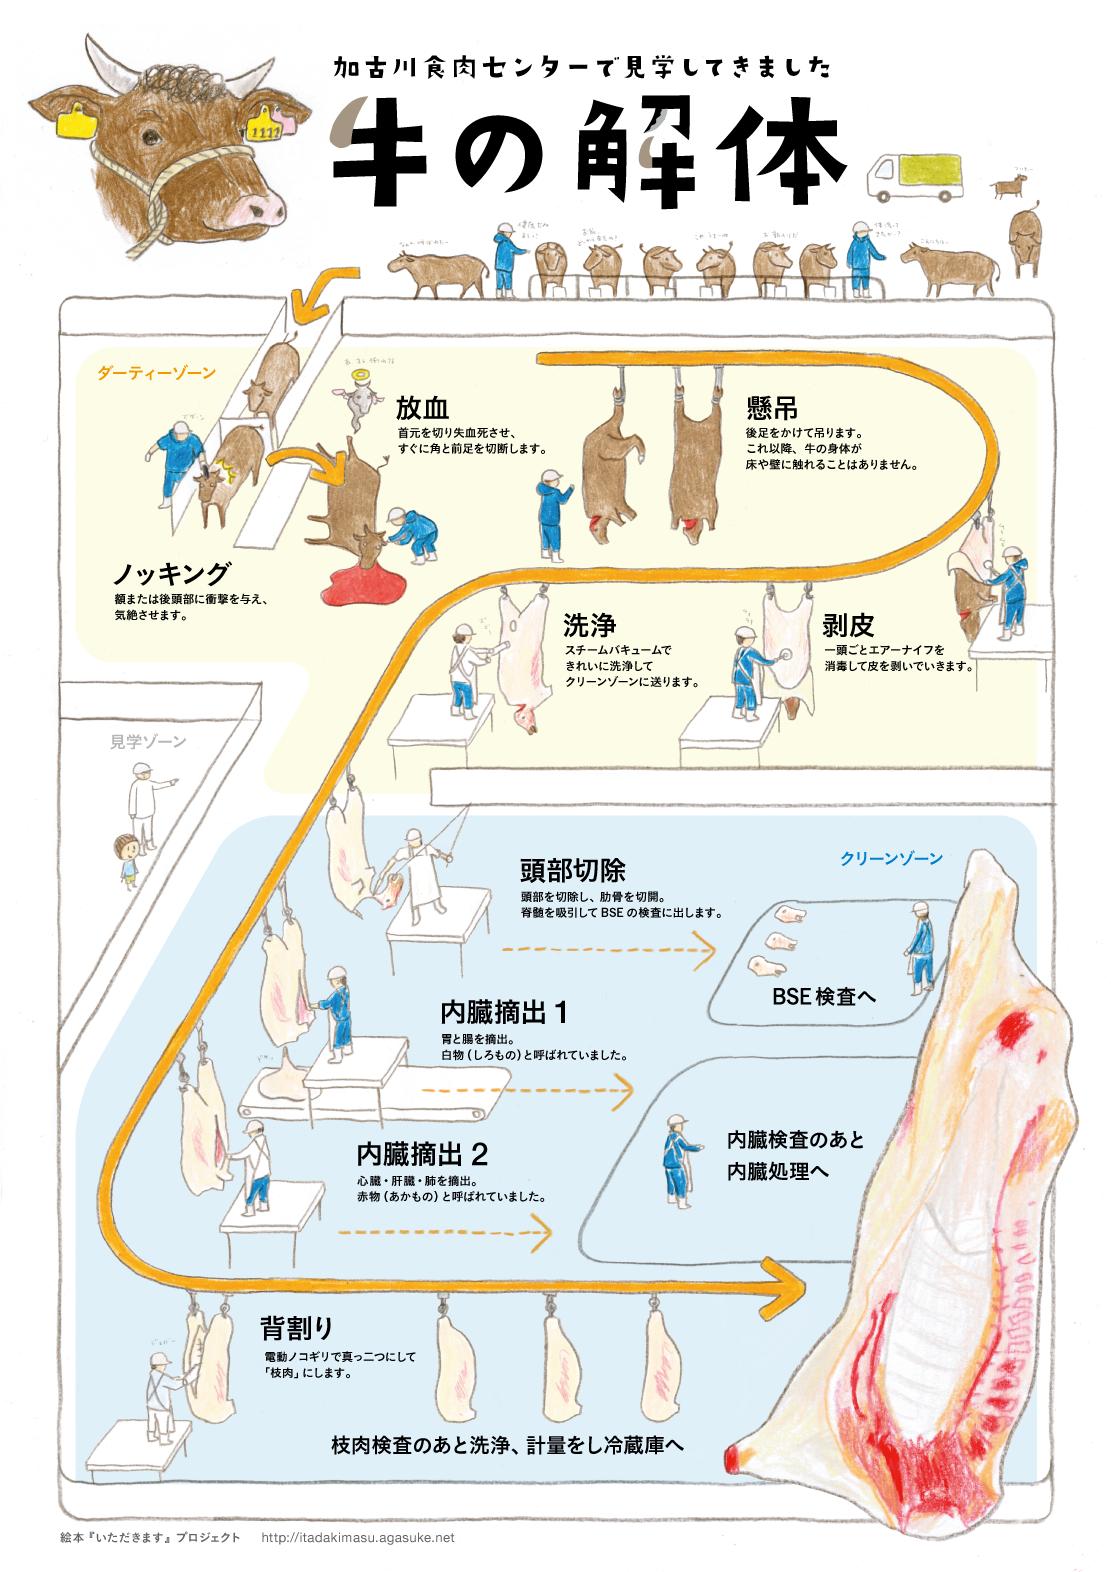 インフォグラフィック:牛の解体がおぞましすぎる!明日からベジタリアンになってしまうかも!?